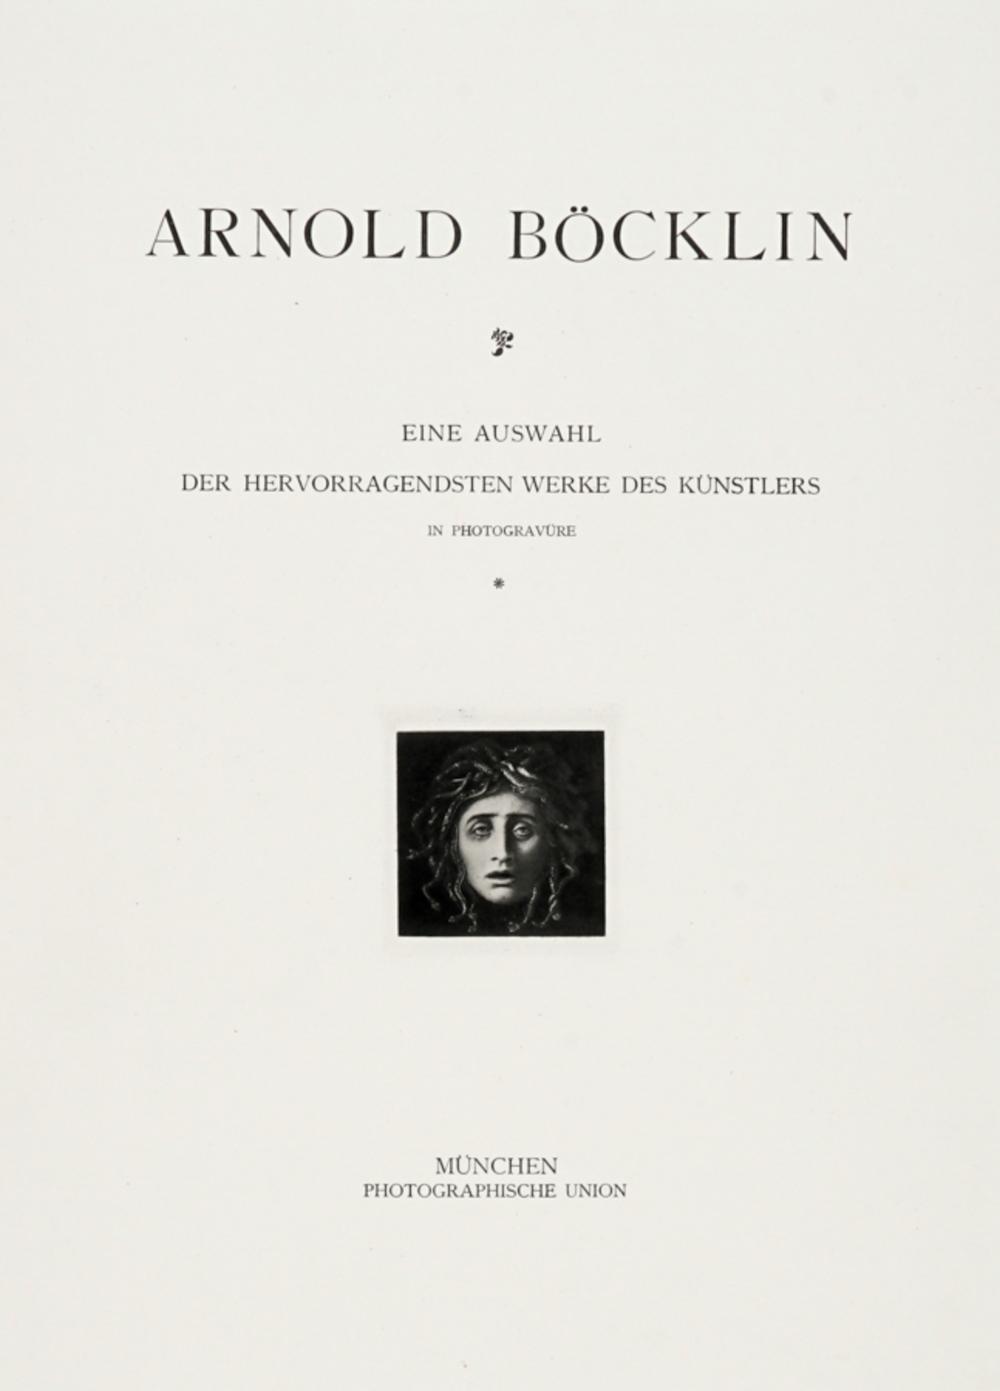 Böcklin Arnold, Eine Auswahl der hervorragendsten Werke des Künstlers in Photogravure. München: Photographische Union, 1892-1901.